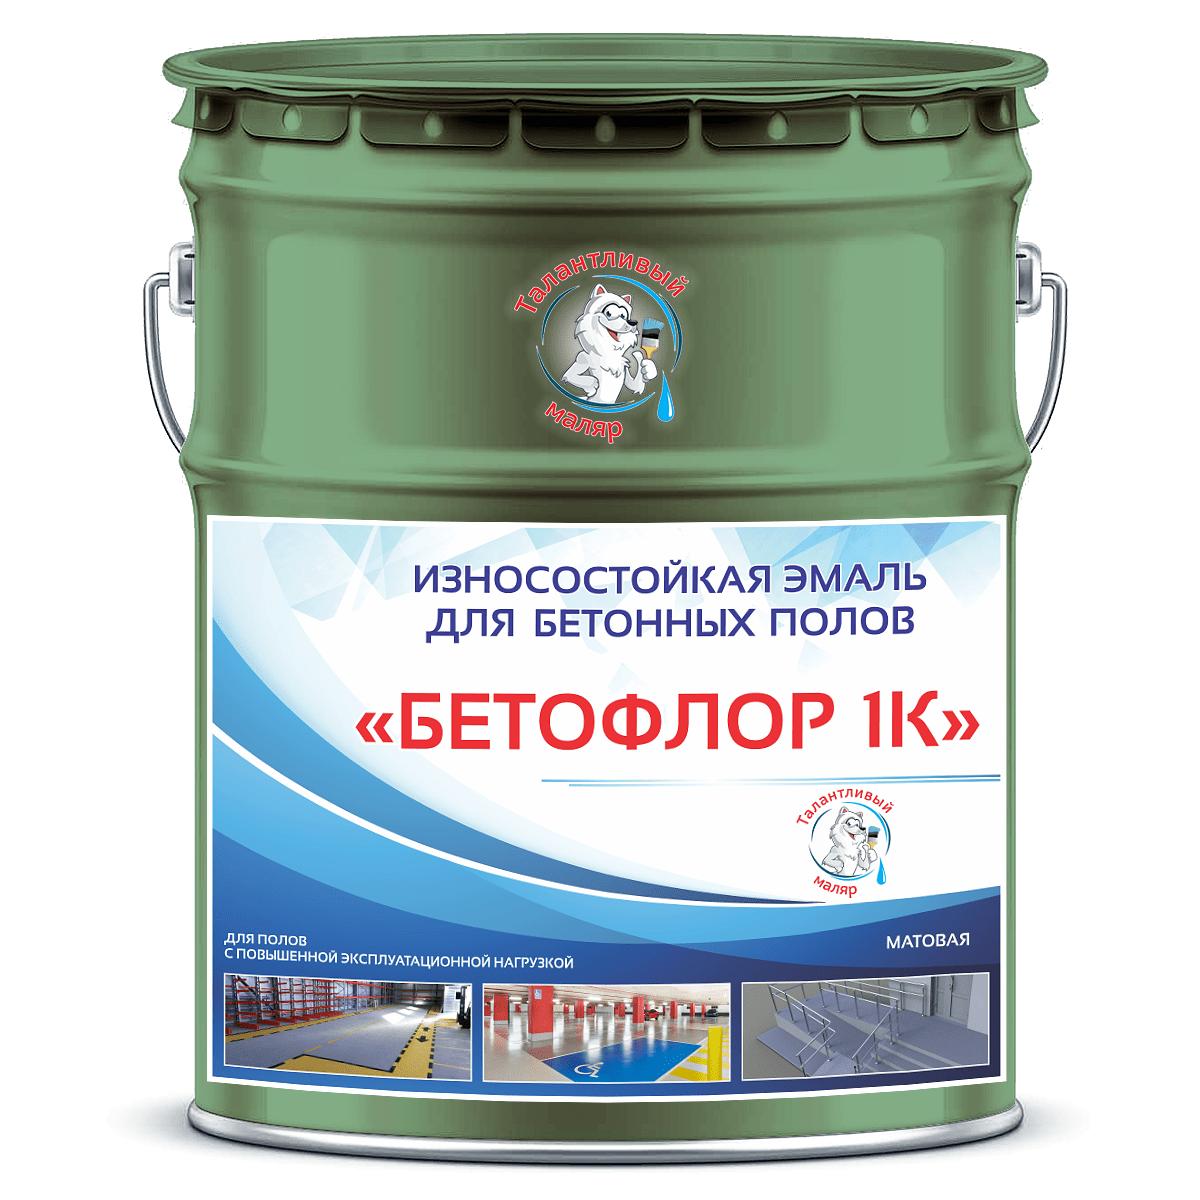 """Фото 1 - BF6000 Эмаль для бетонных полов """"Бетофлор"""" 1К цвет RAL 6000 Платиново-зеленый, матовая износостойкая, 25 кг """"Талантливый Маляр""""."""